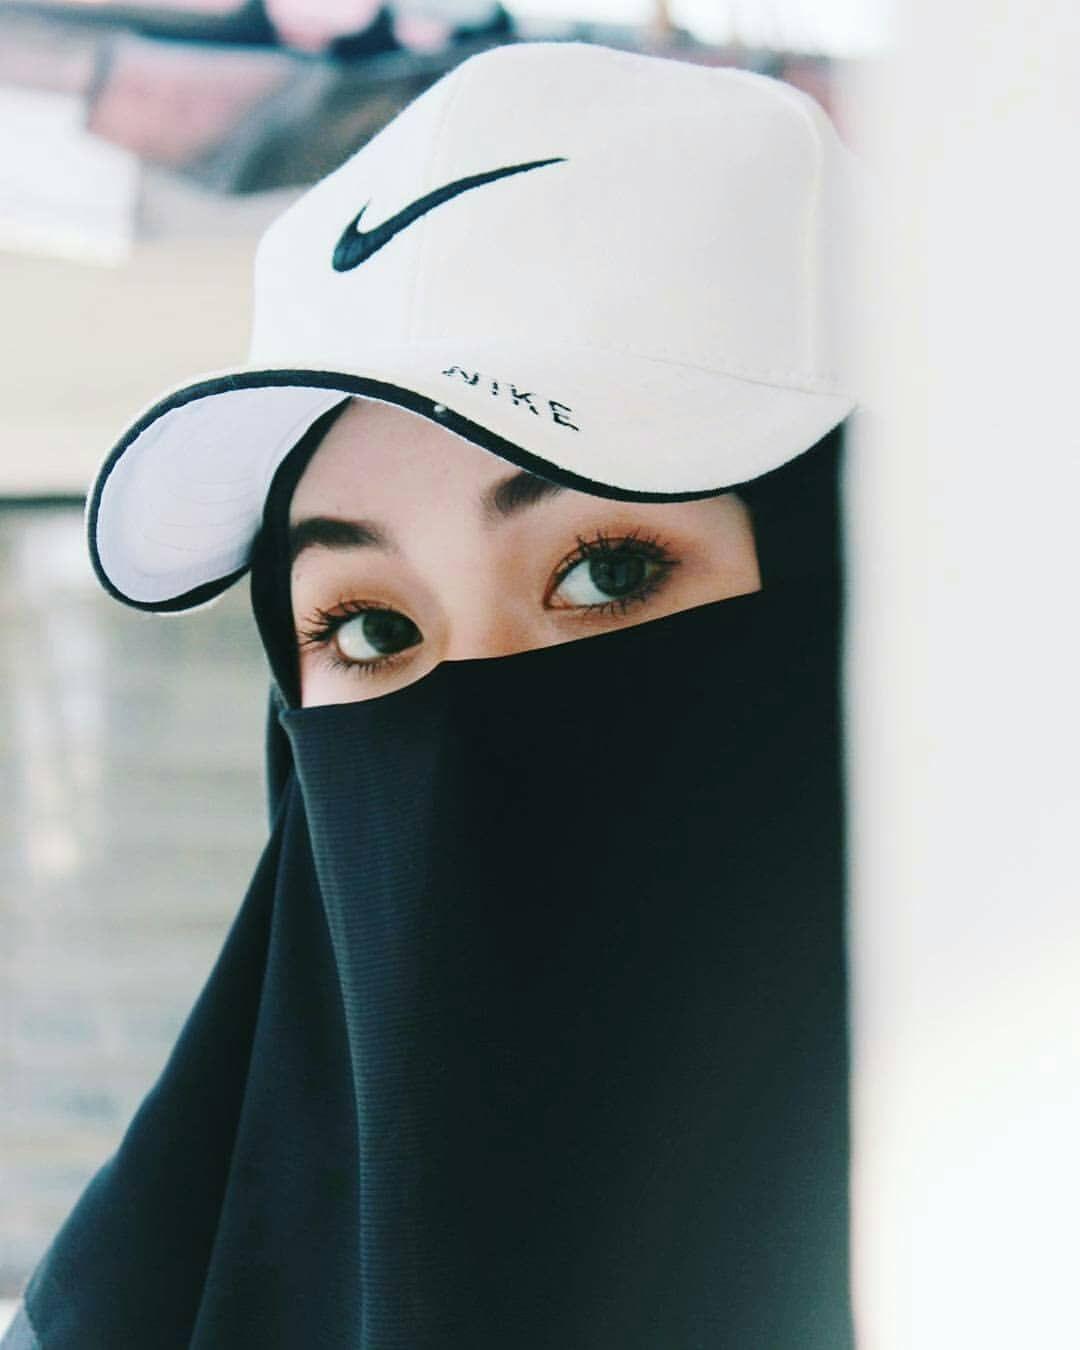 Hijabi girl girl hijab hijab niqab ootd hijab casual hijab outfit